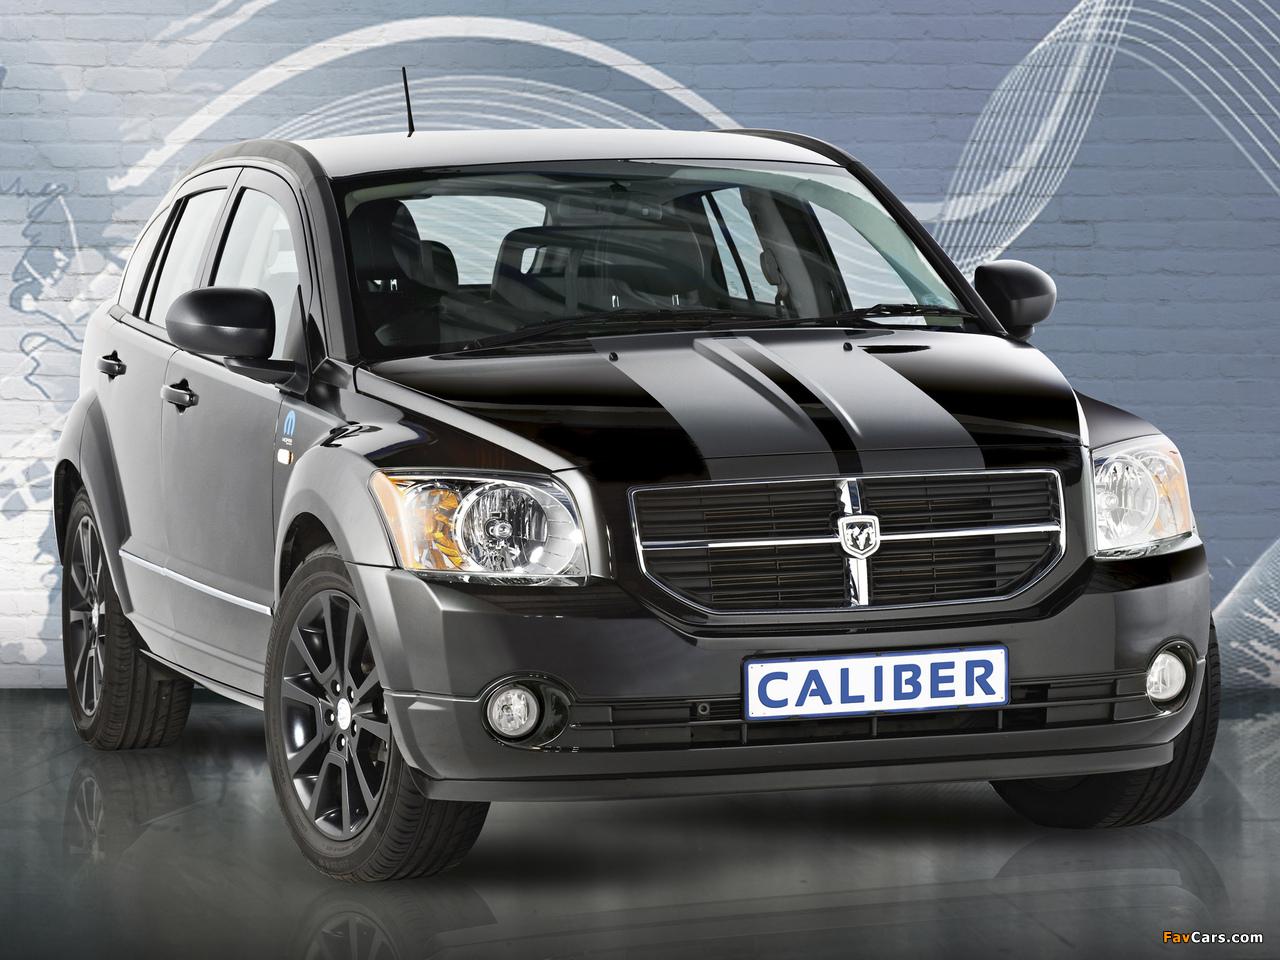 Dodge Caliber Mopar Edition 2011 pictures (1280 x 960)